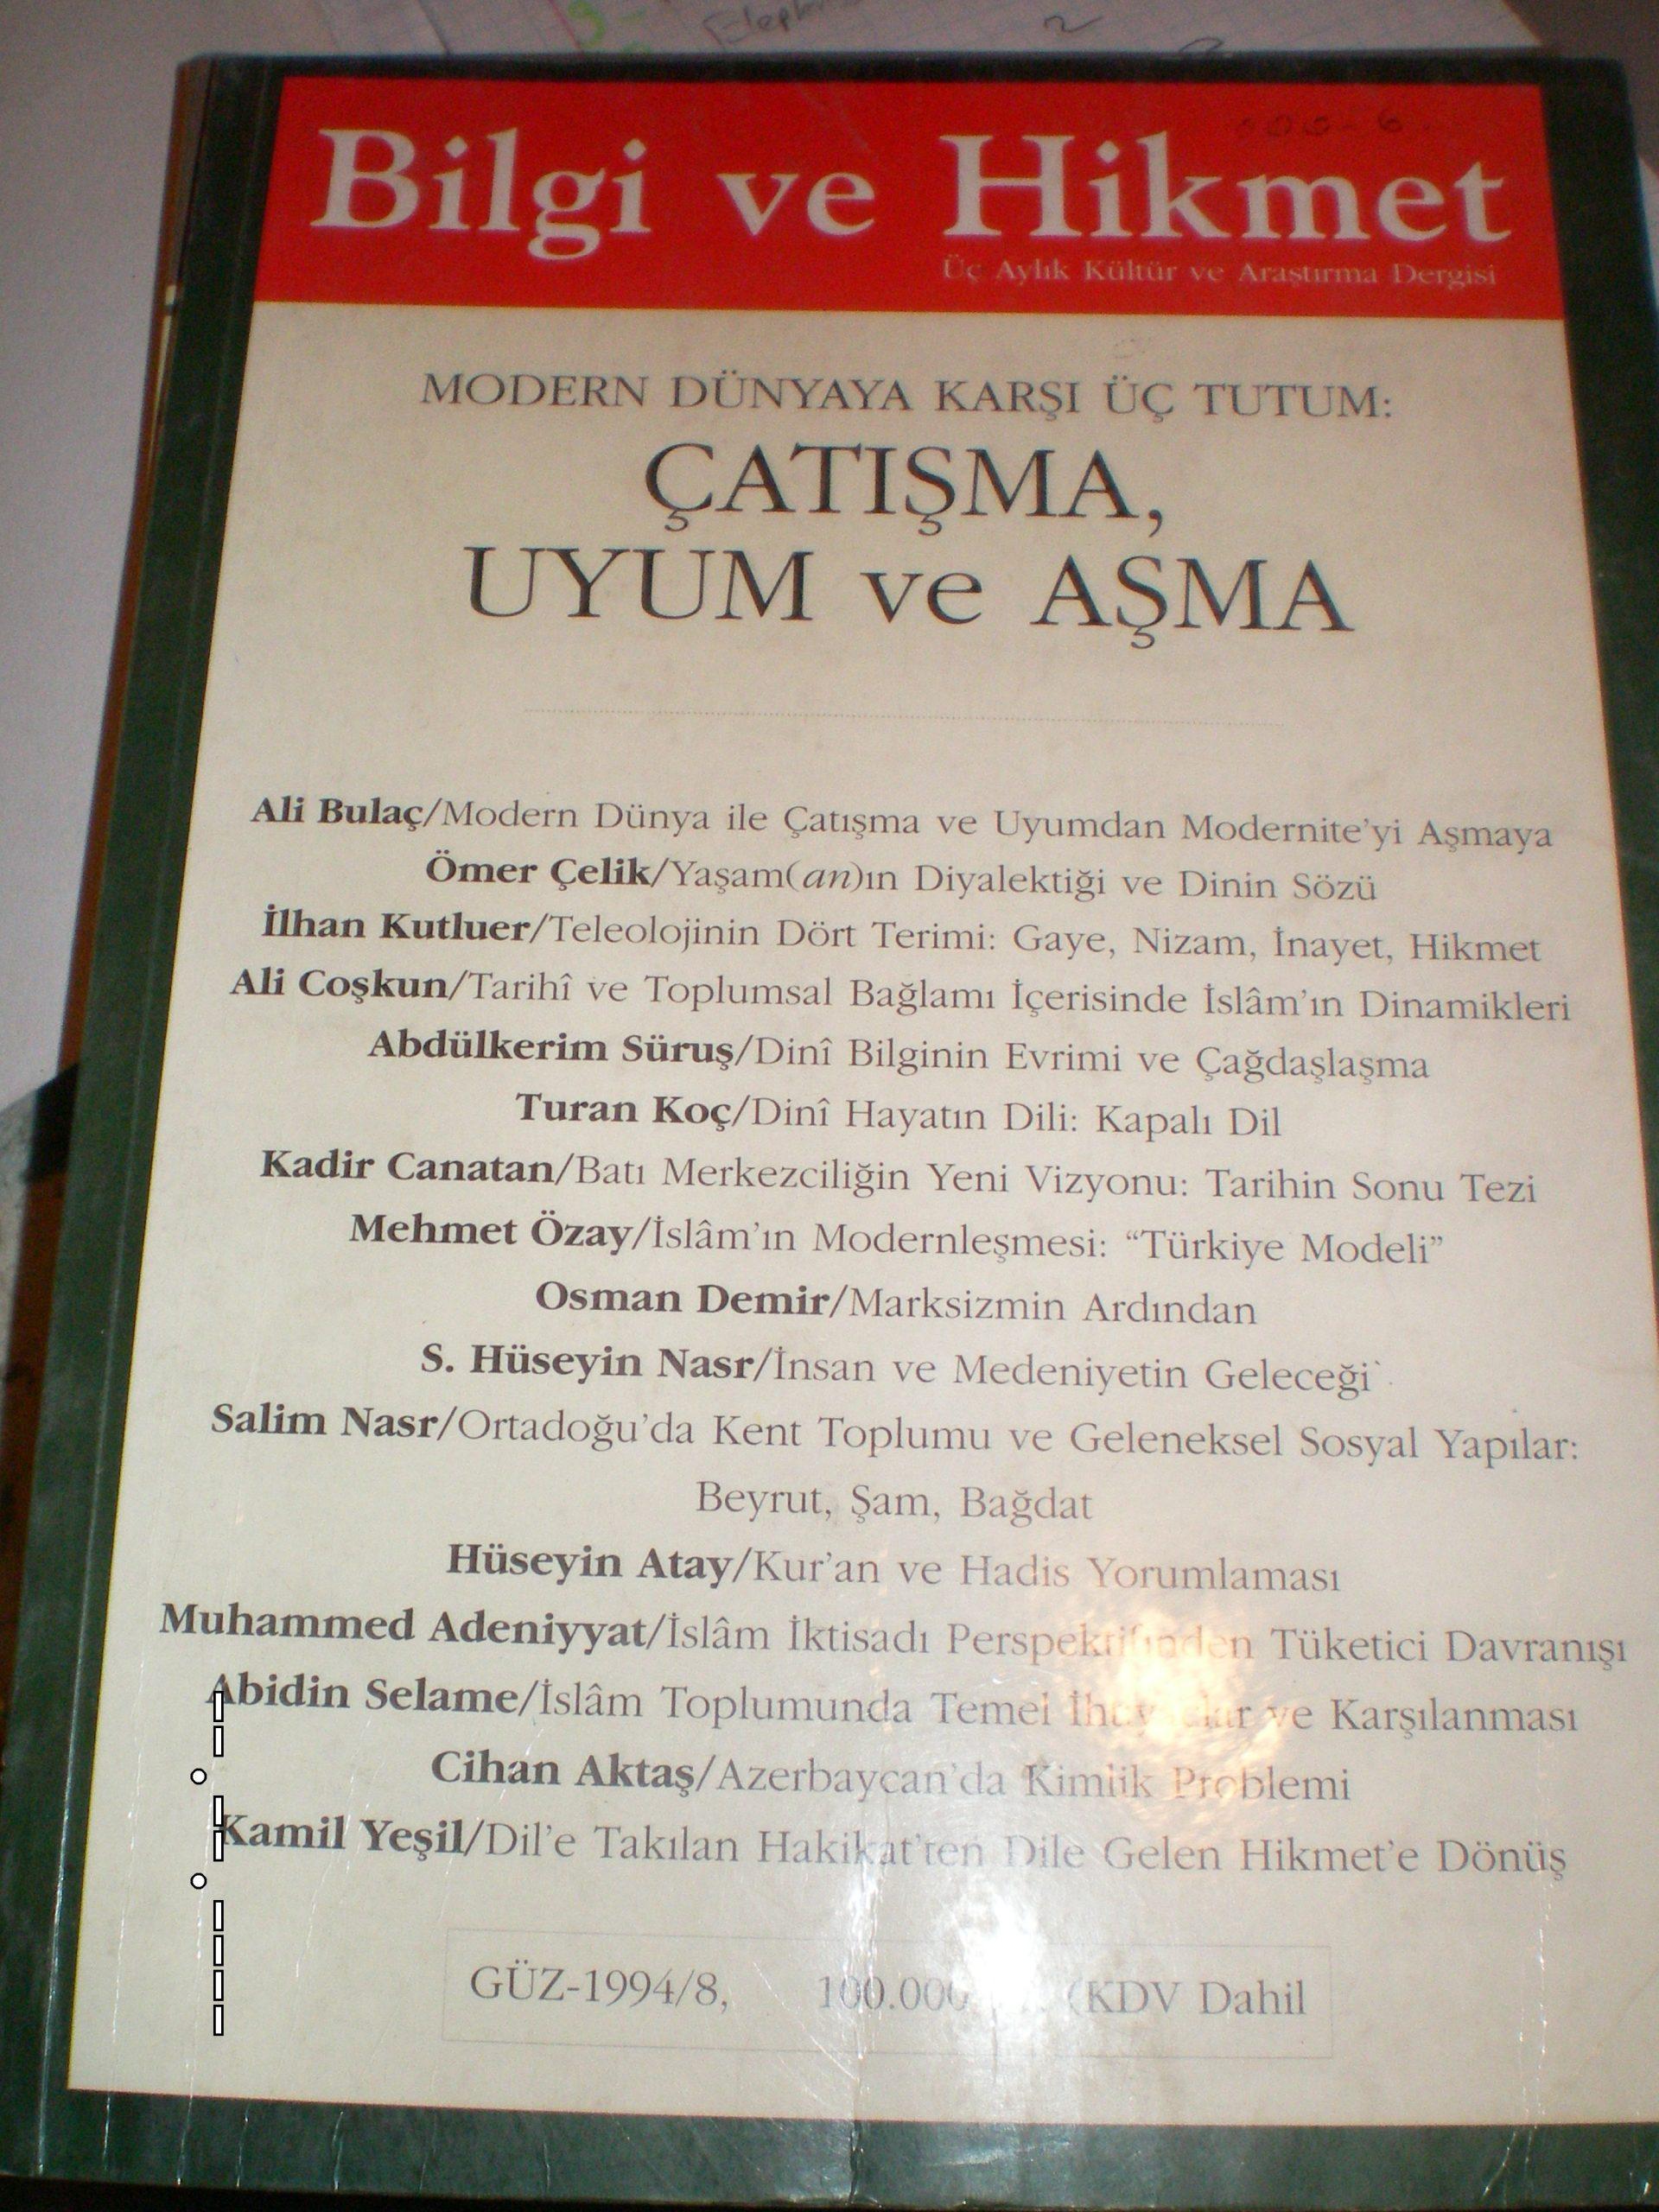 BİLGİ VE HİKMET Dergisi/1994-güz(s8)/ 10 tl